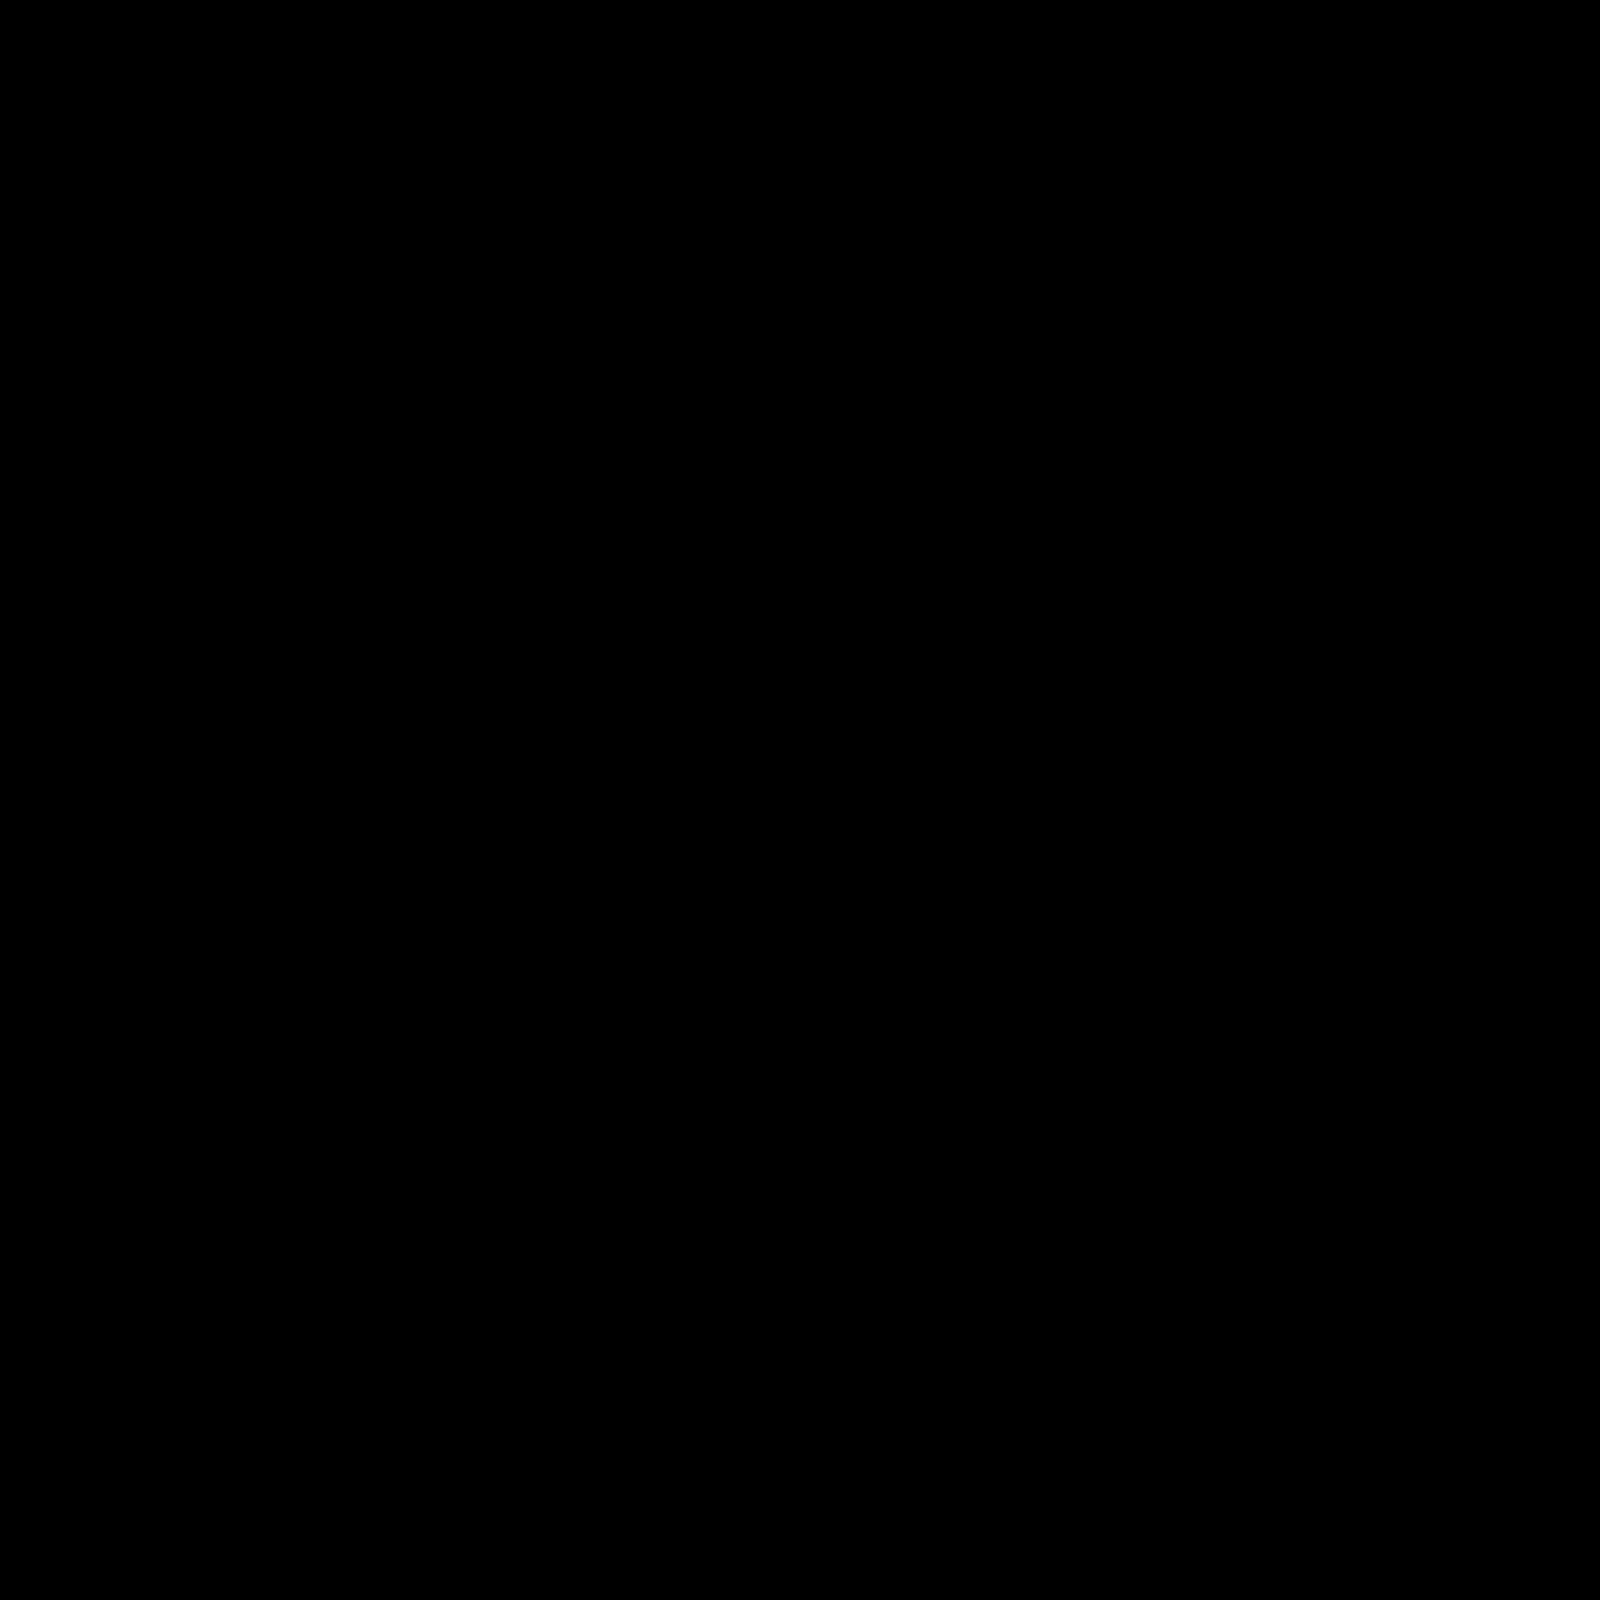 Transmutation Circle Tattoo: Símbolos Ocultos, Símbolos De Wicca